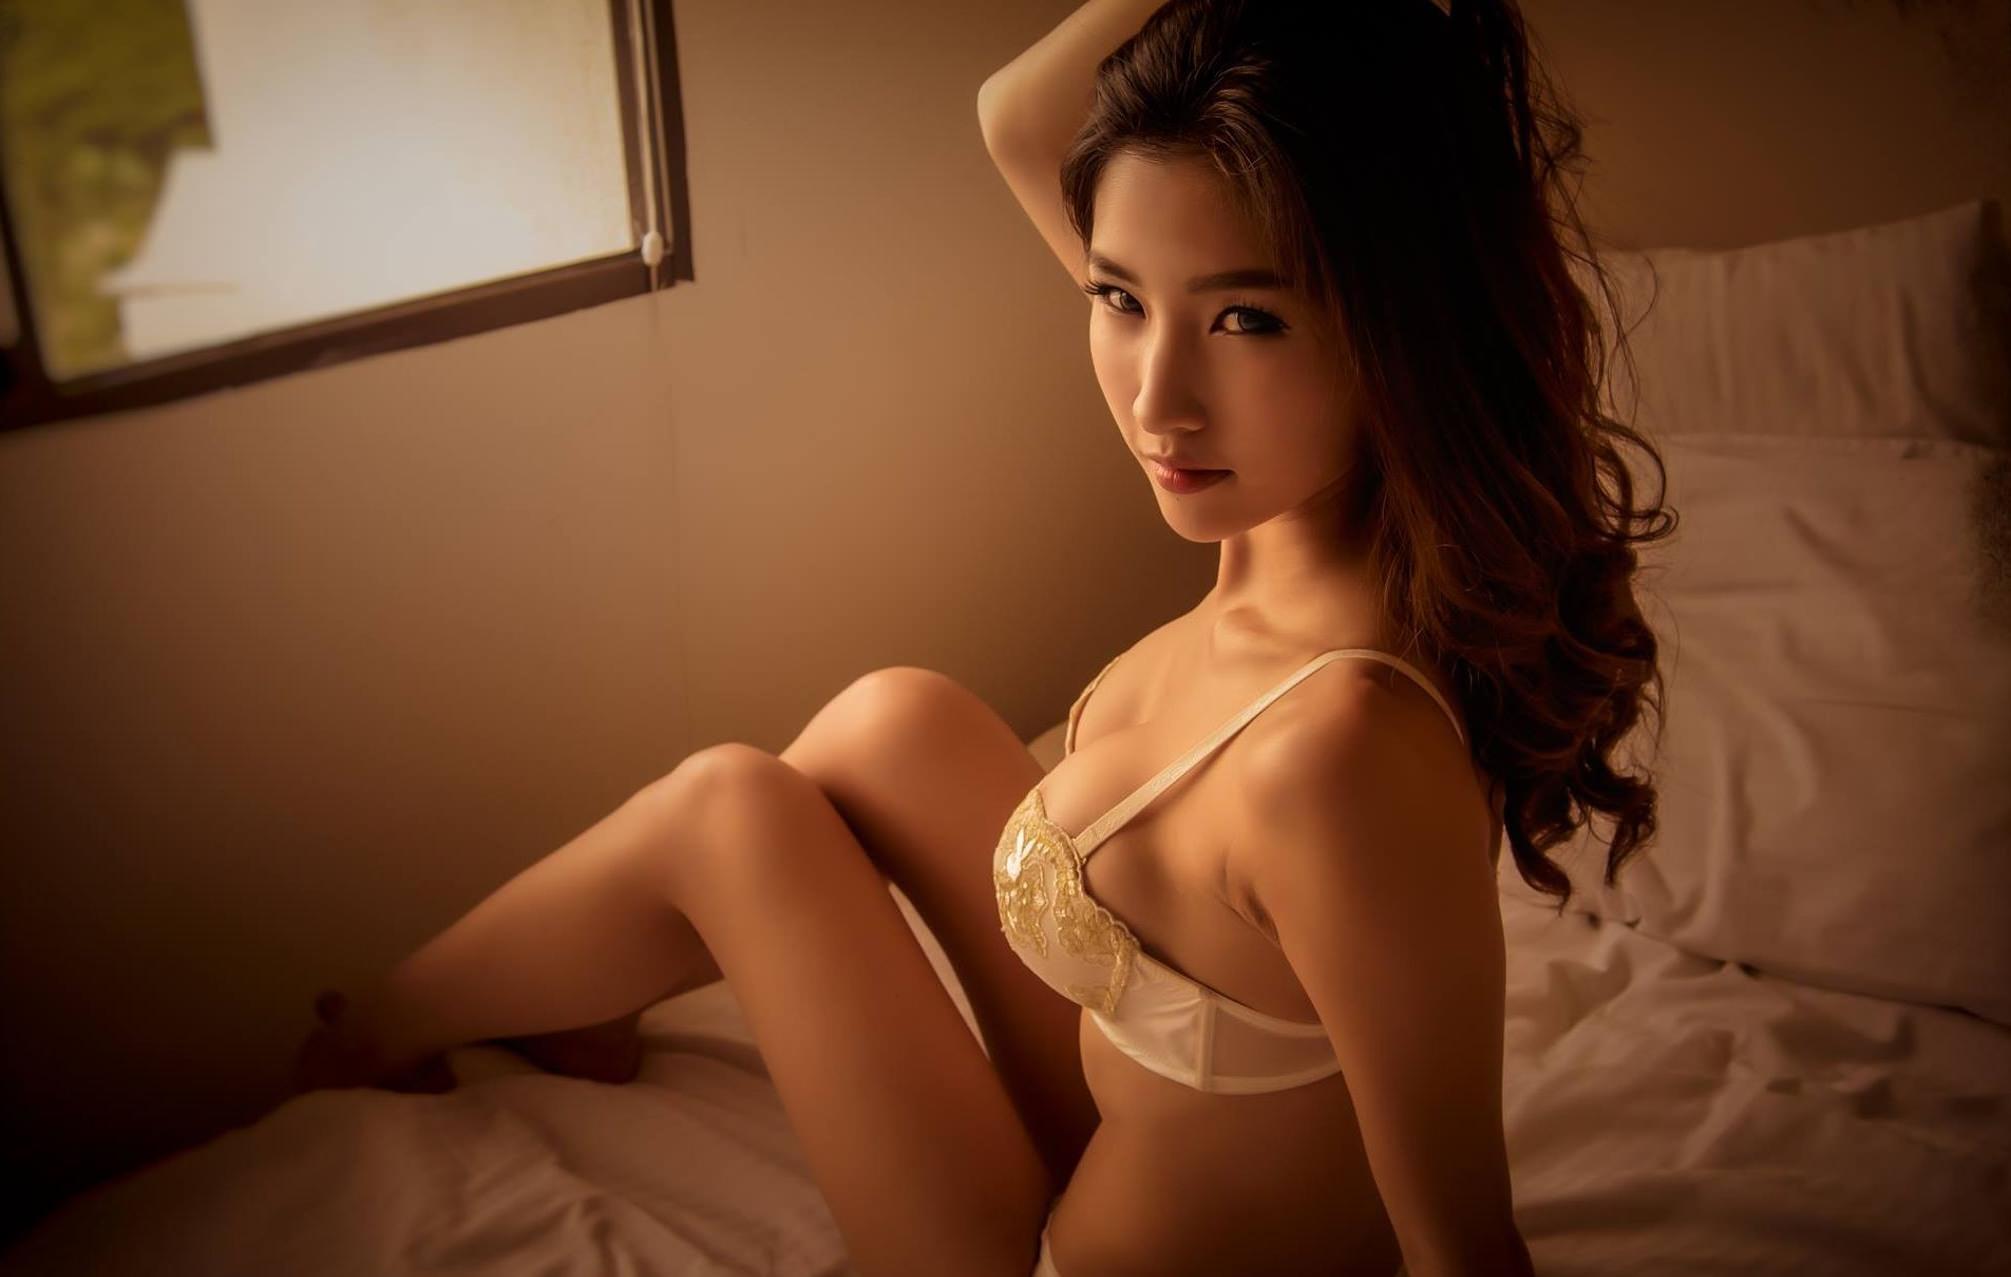 Фото Красивая азиатка в белом лифчике, постель, скачать картинку бесплатно